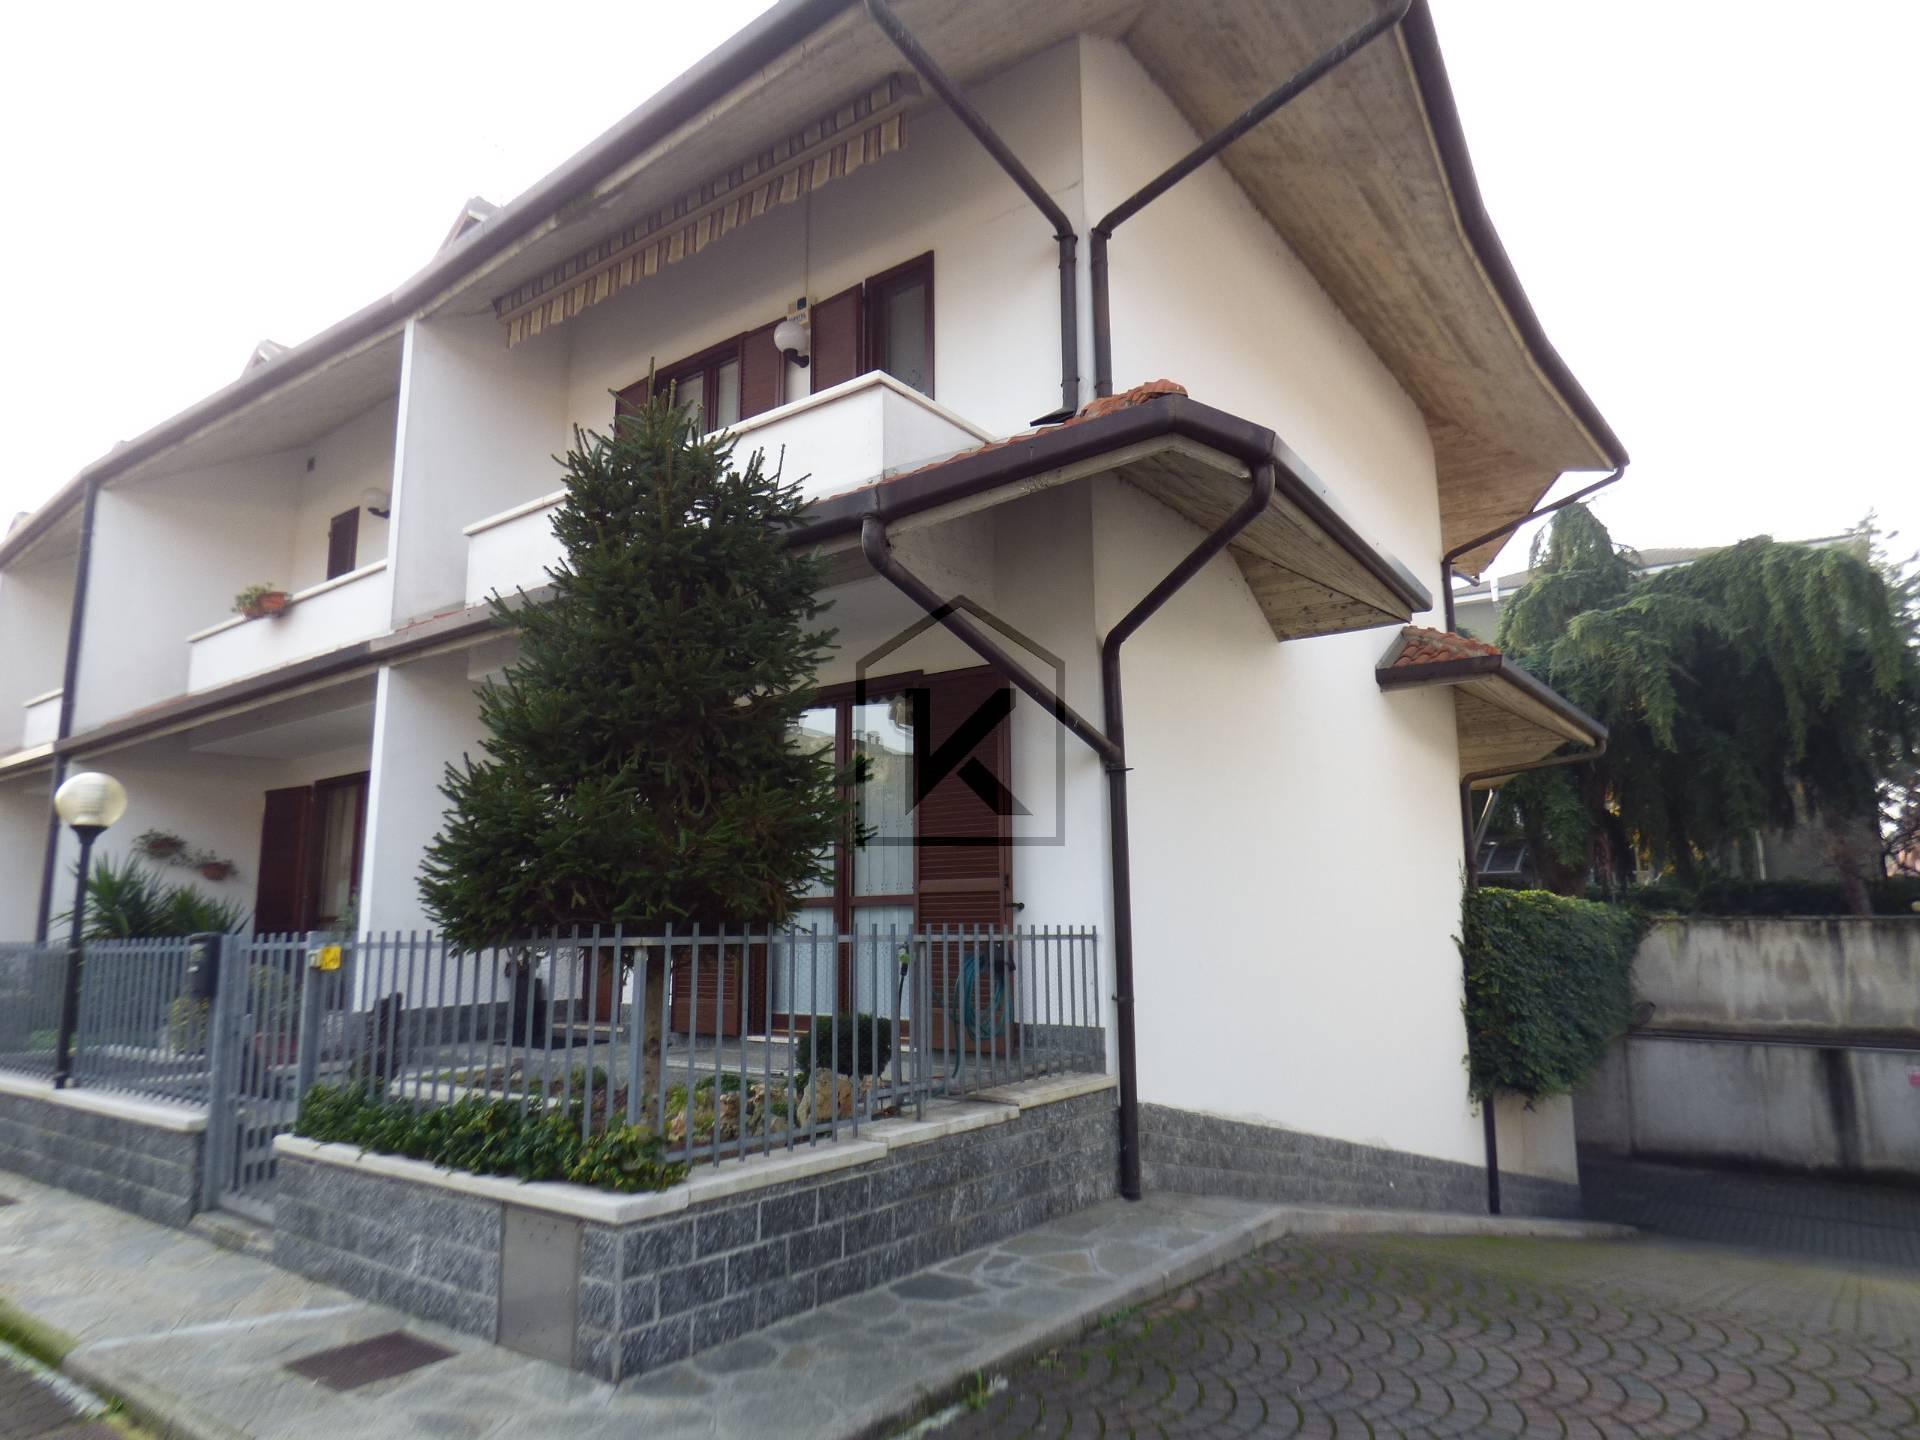 Villetta in Vendita a Rho:  5 locali, 200 mq  - Foto 1